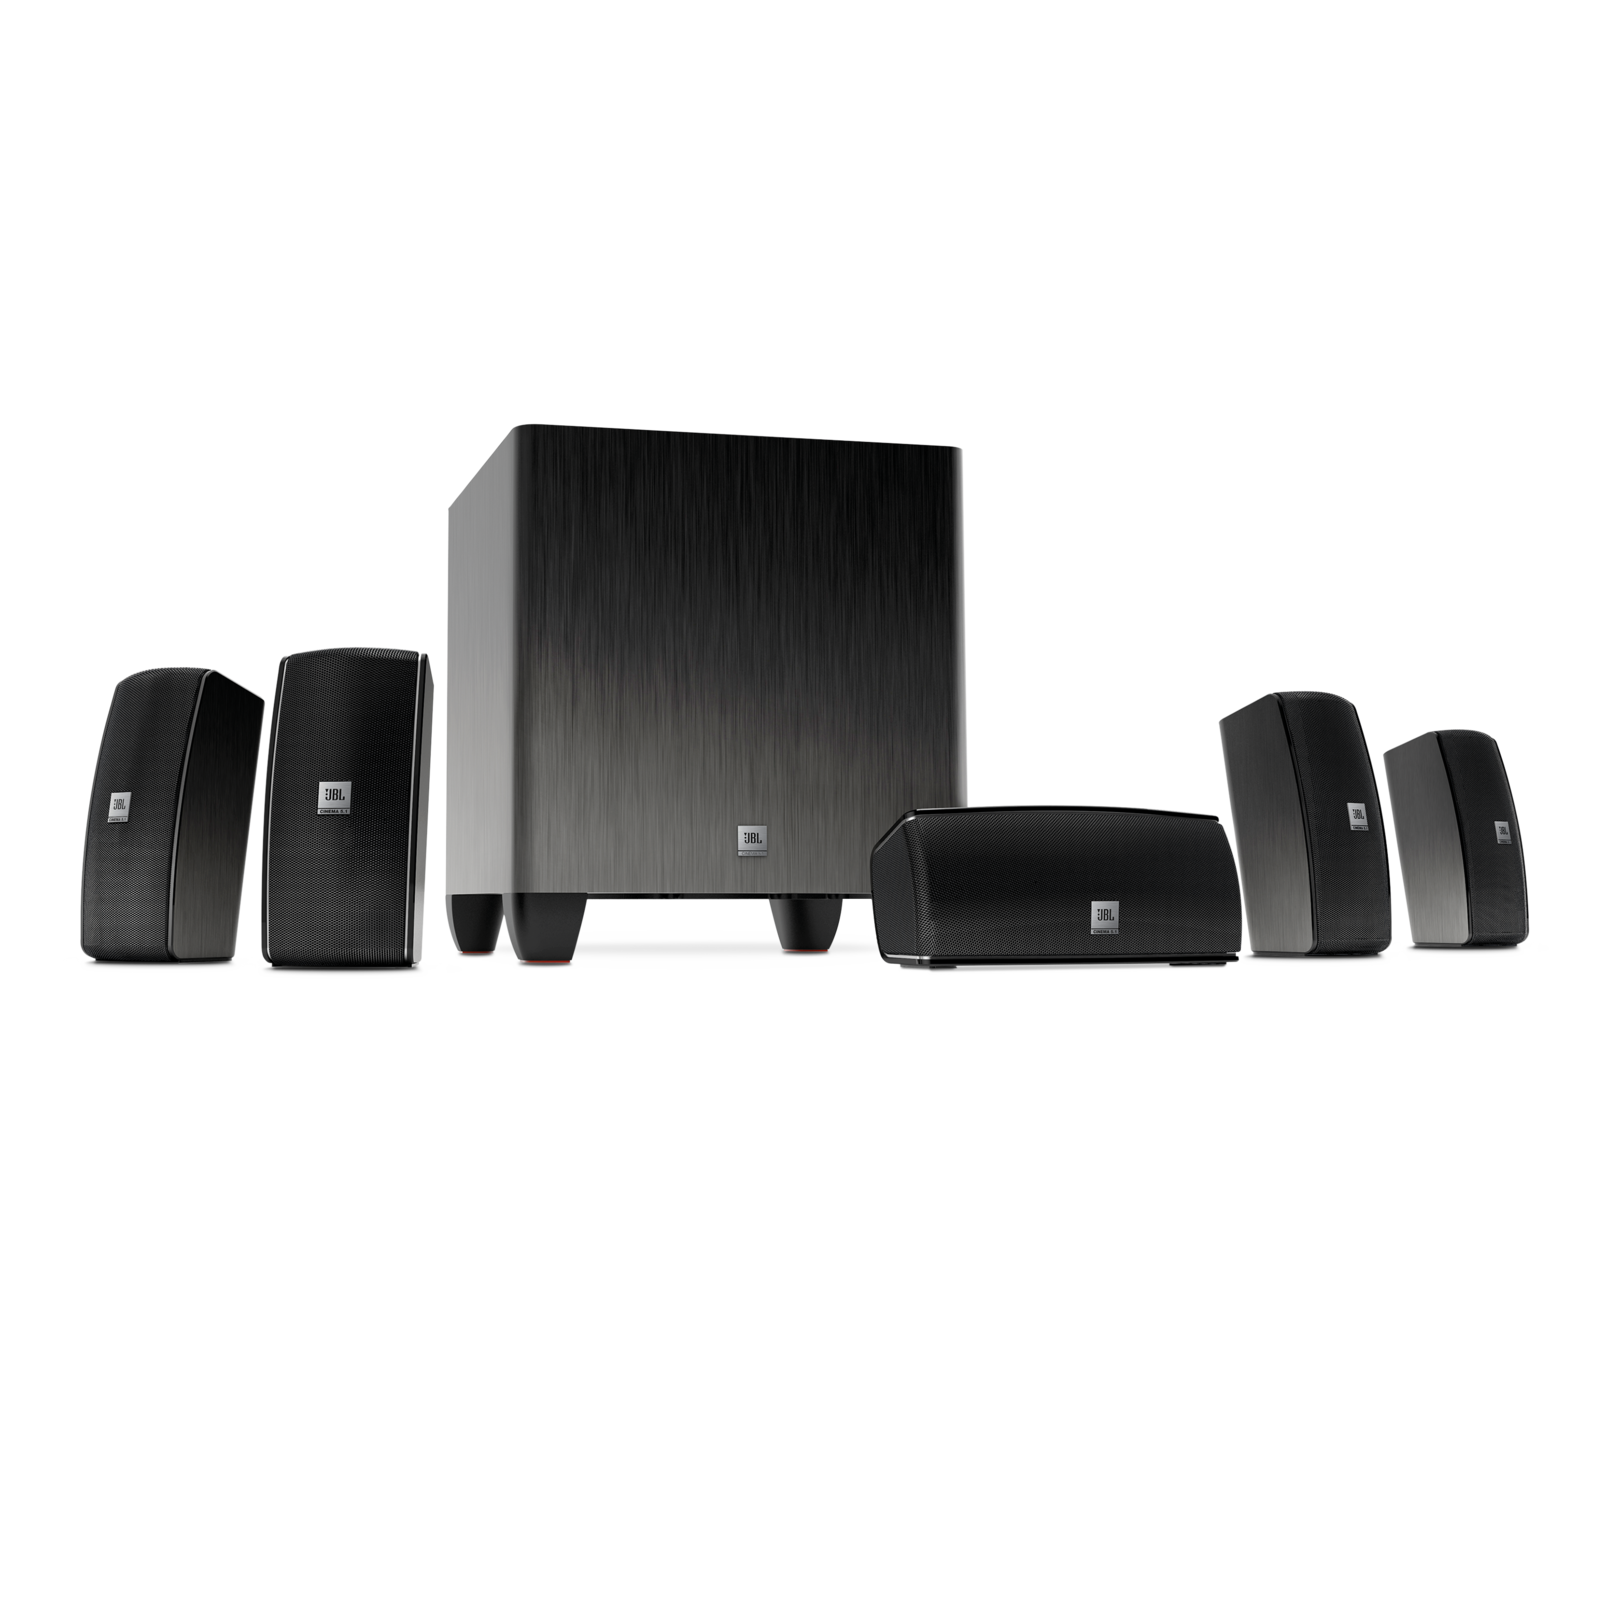 jbl cinema 610 advanced 5 1 speaker system rh uk jbl com JBL Wireless Home Theater JBL Wireless Home Theater